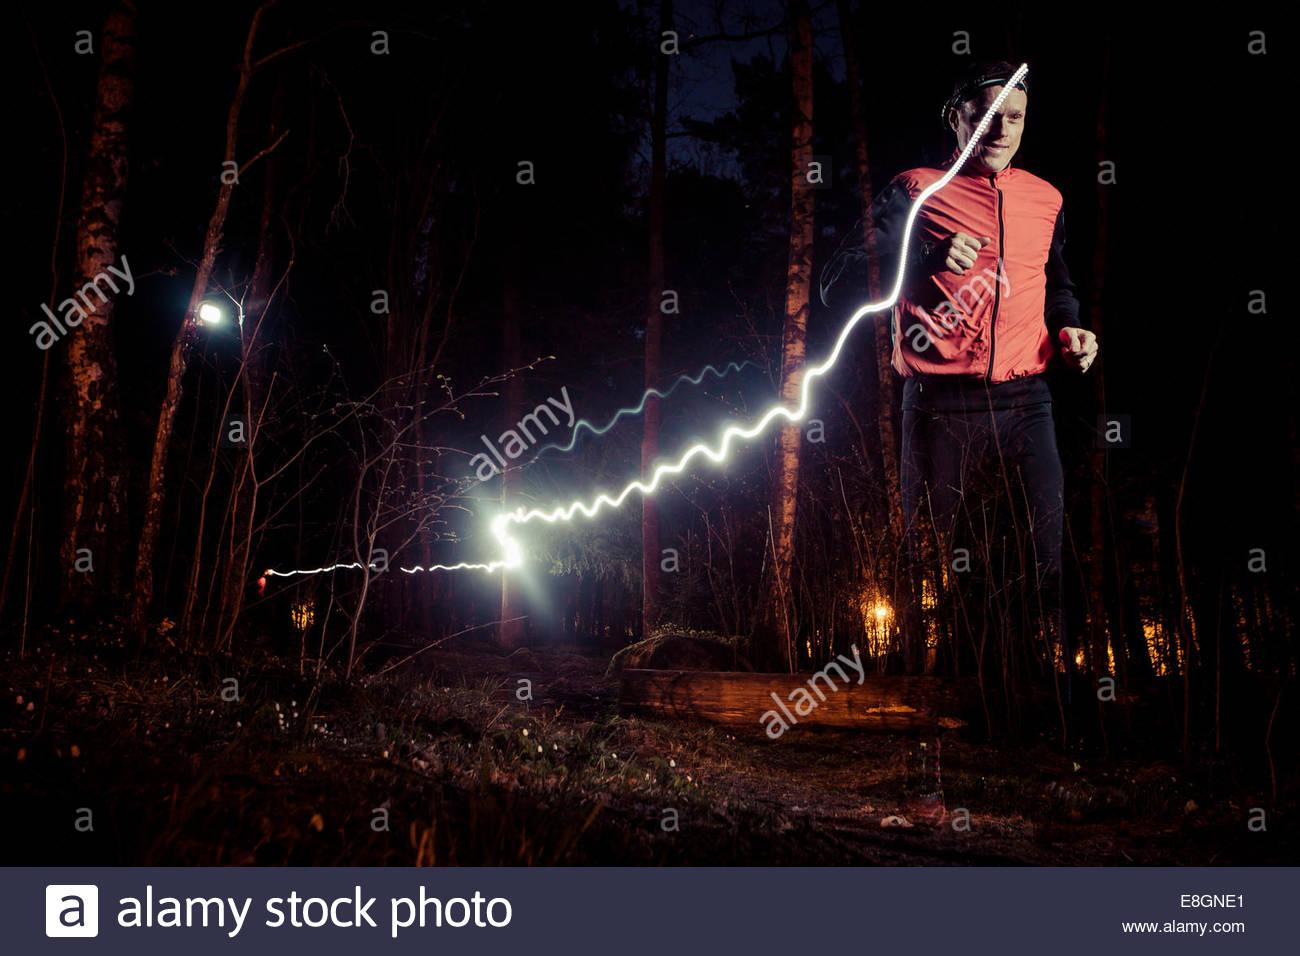 Mann läuft mit leichten Trails im Wald Stockfoto